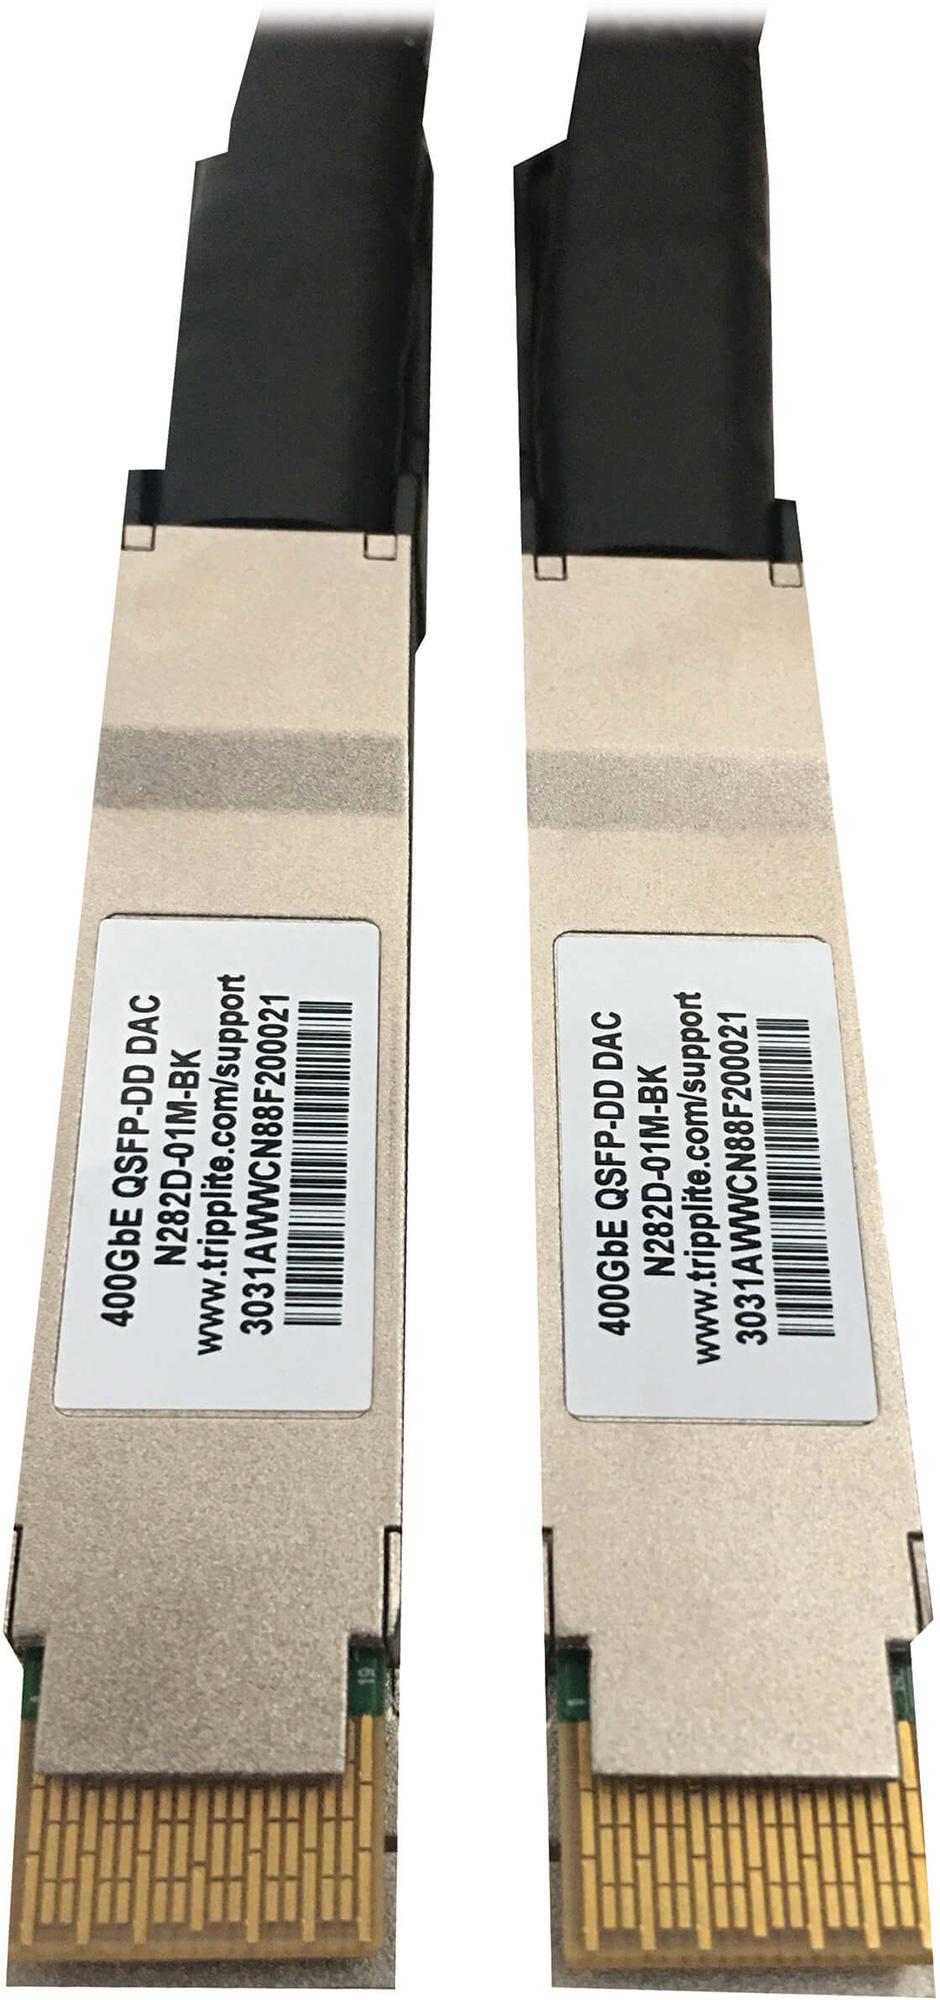 Tripp Lite N282D-01M-BK Passive Twinax Direct-Attach Cable 400G QSFP-DD/QSFP-DD - 1 Meter TRL-N282D-01M-BK